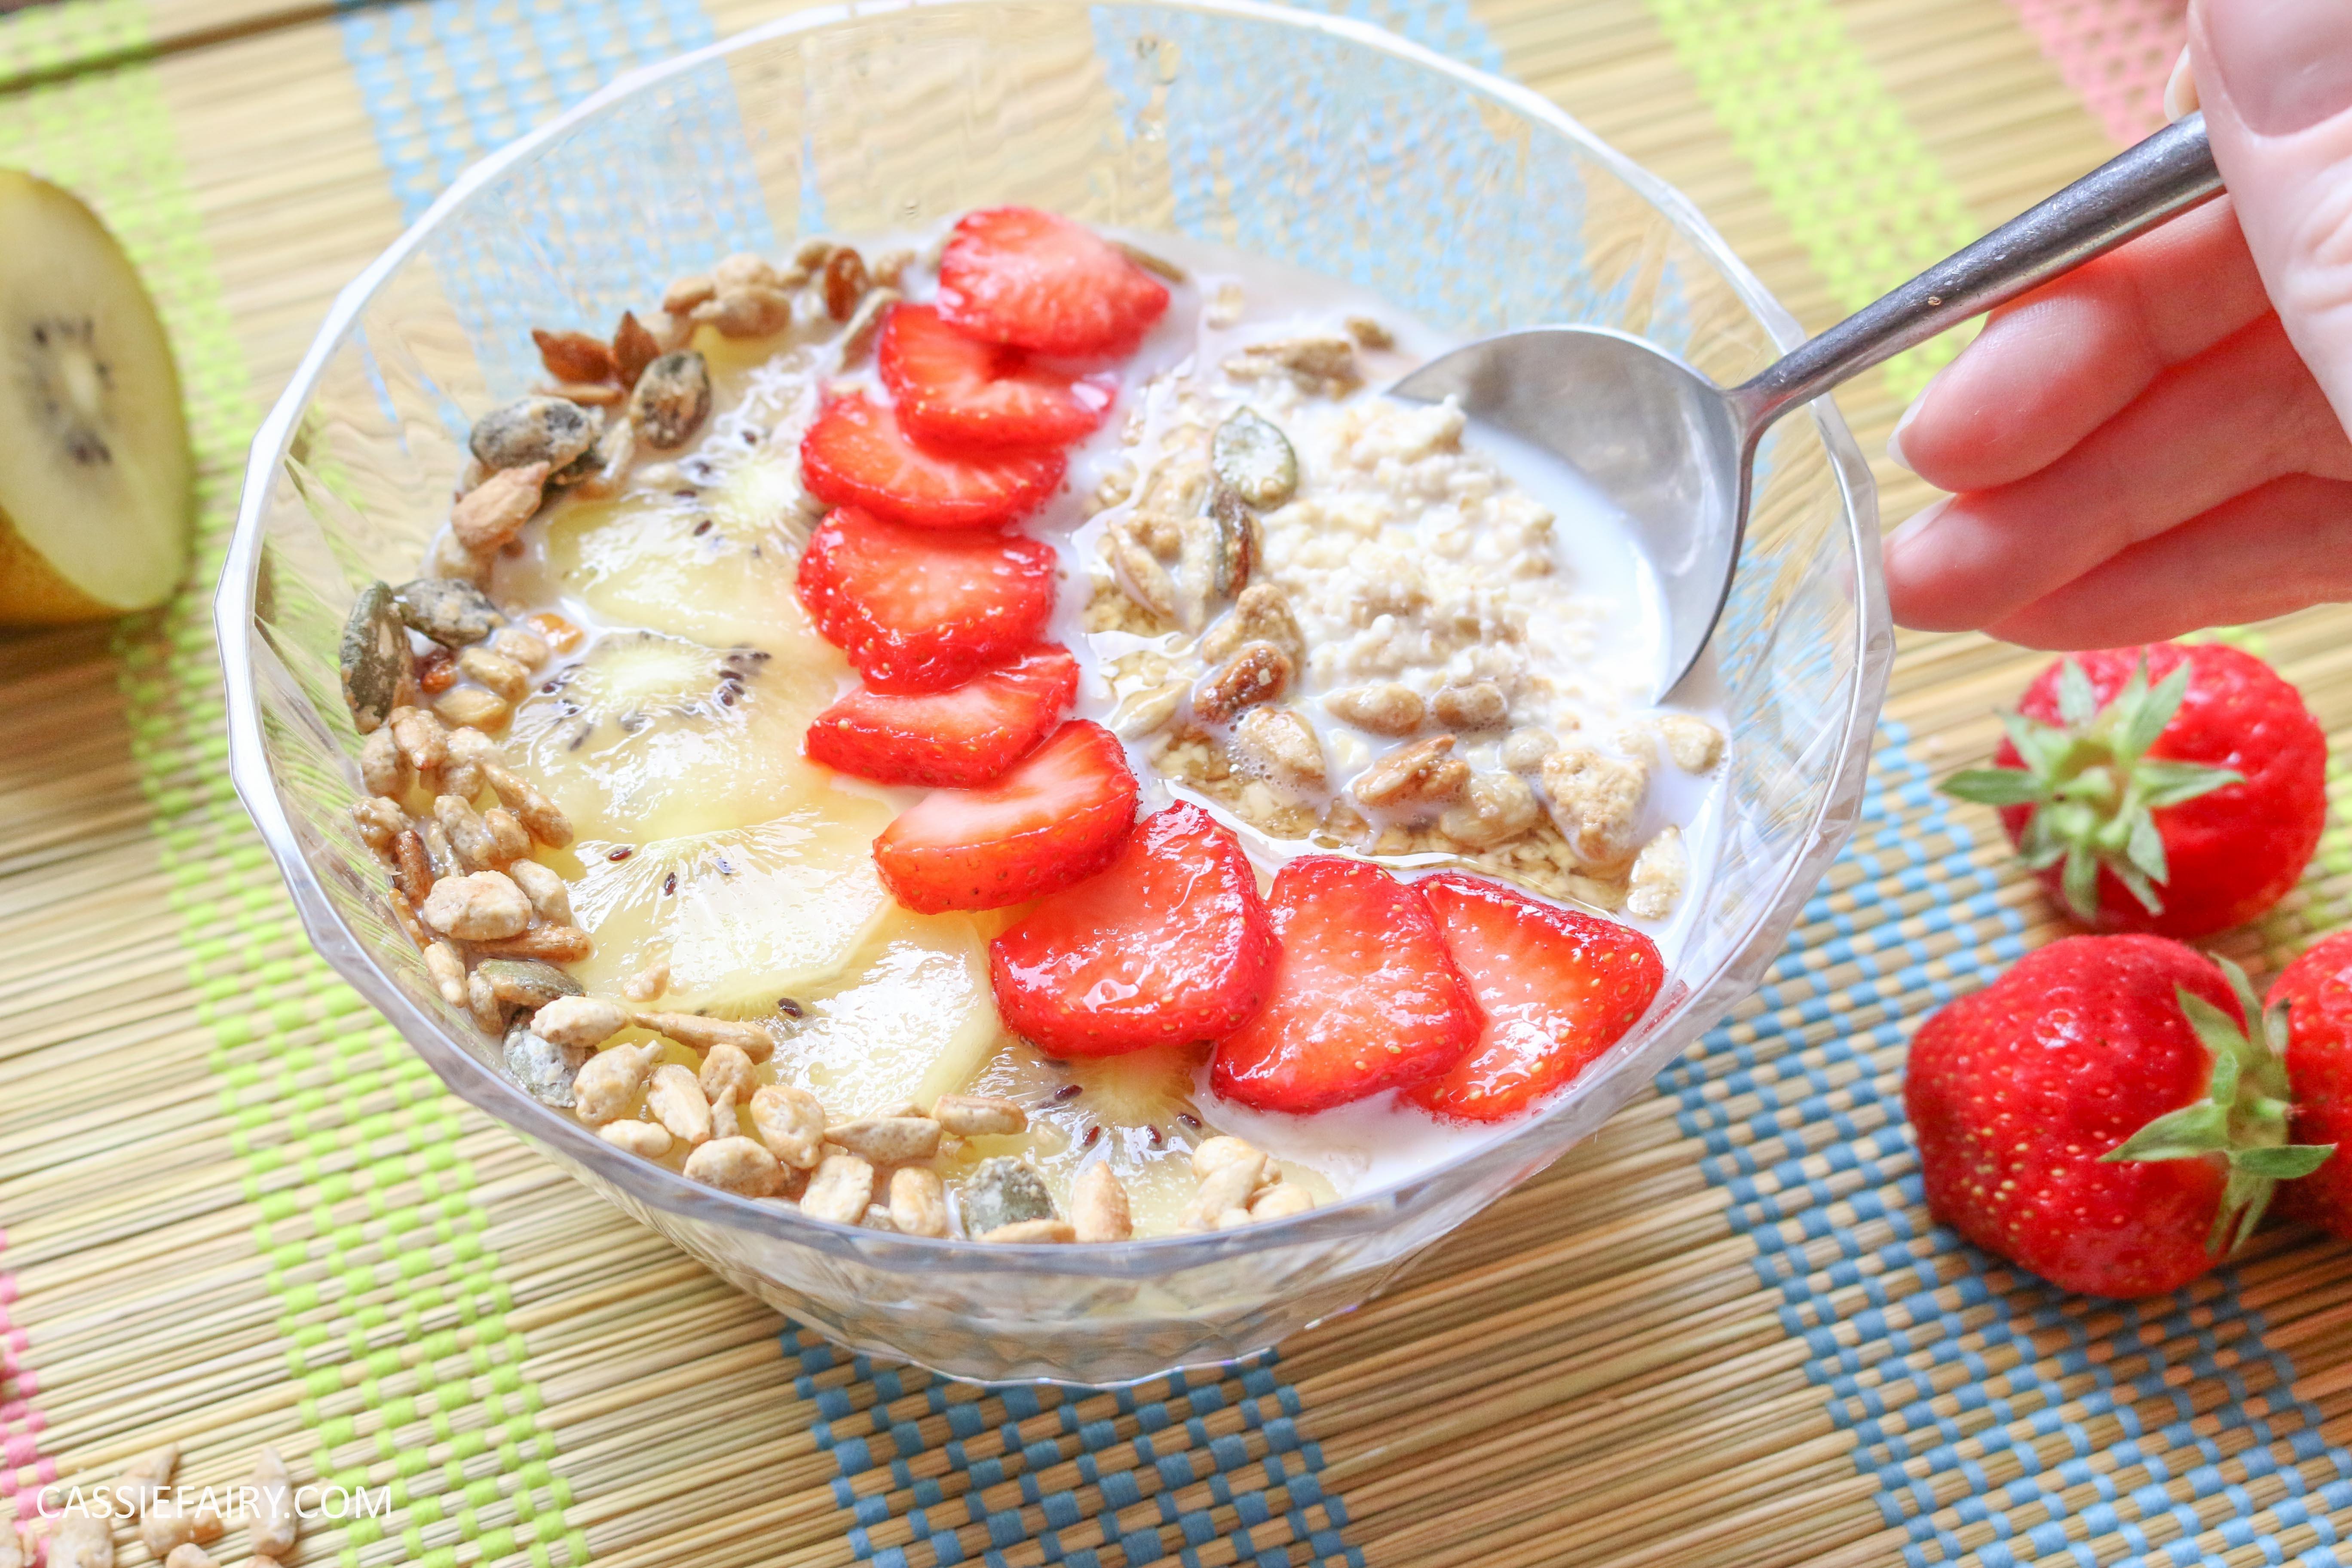 Healthy Oats Breakfast  Healthy Sunday brunch recipe – Fruity soaked oats